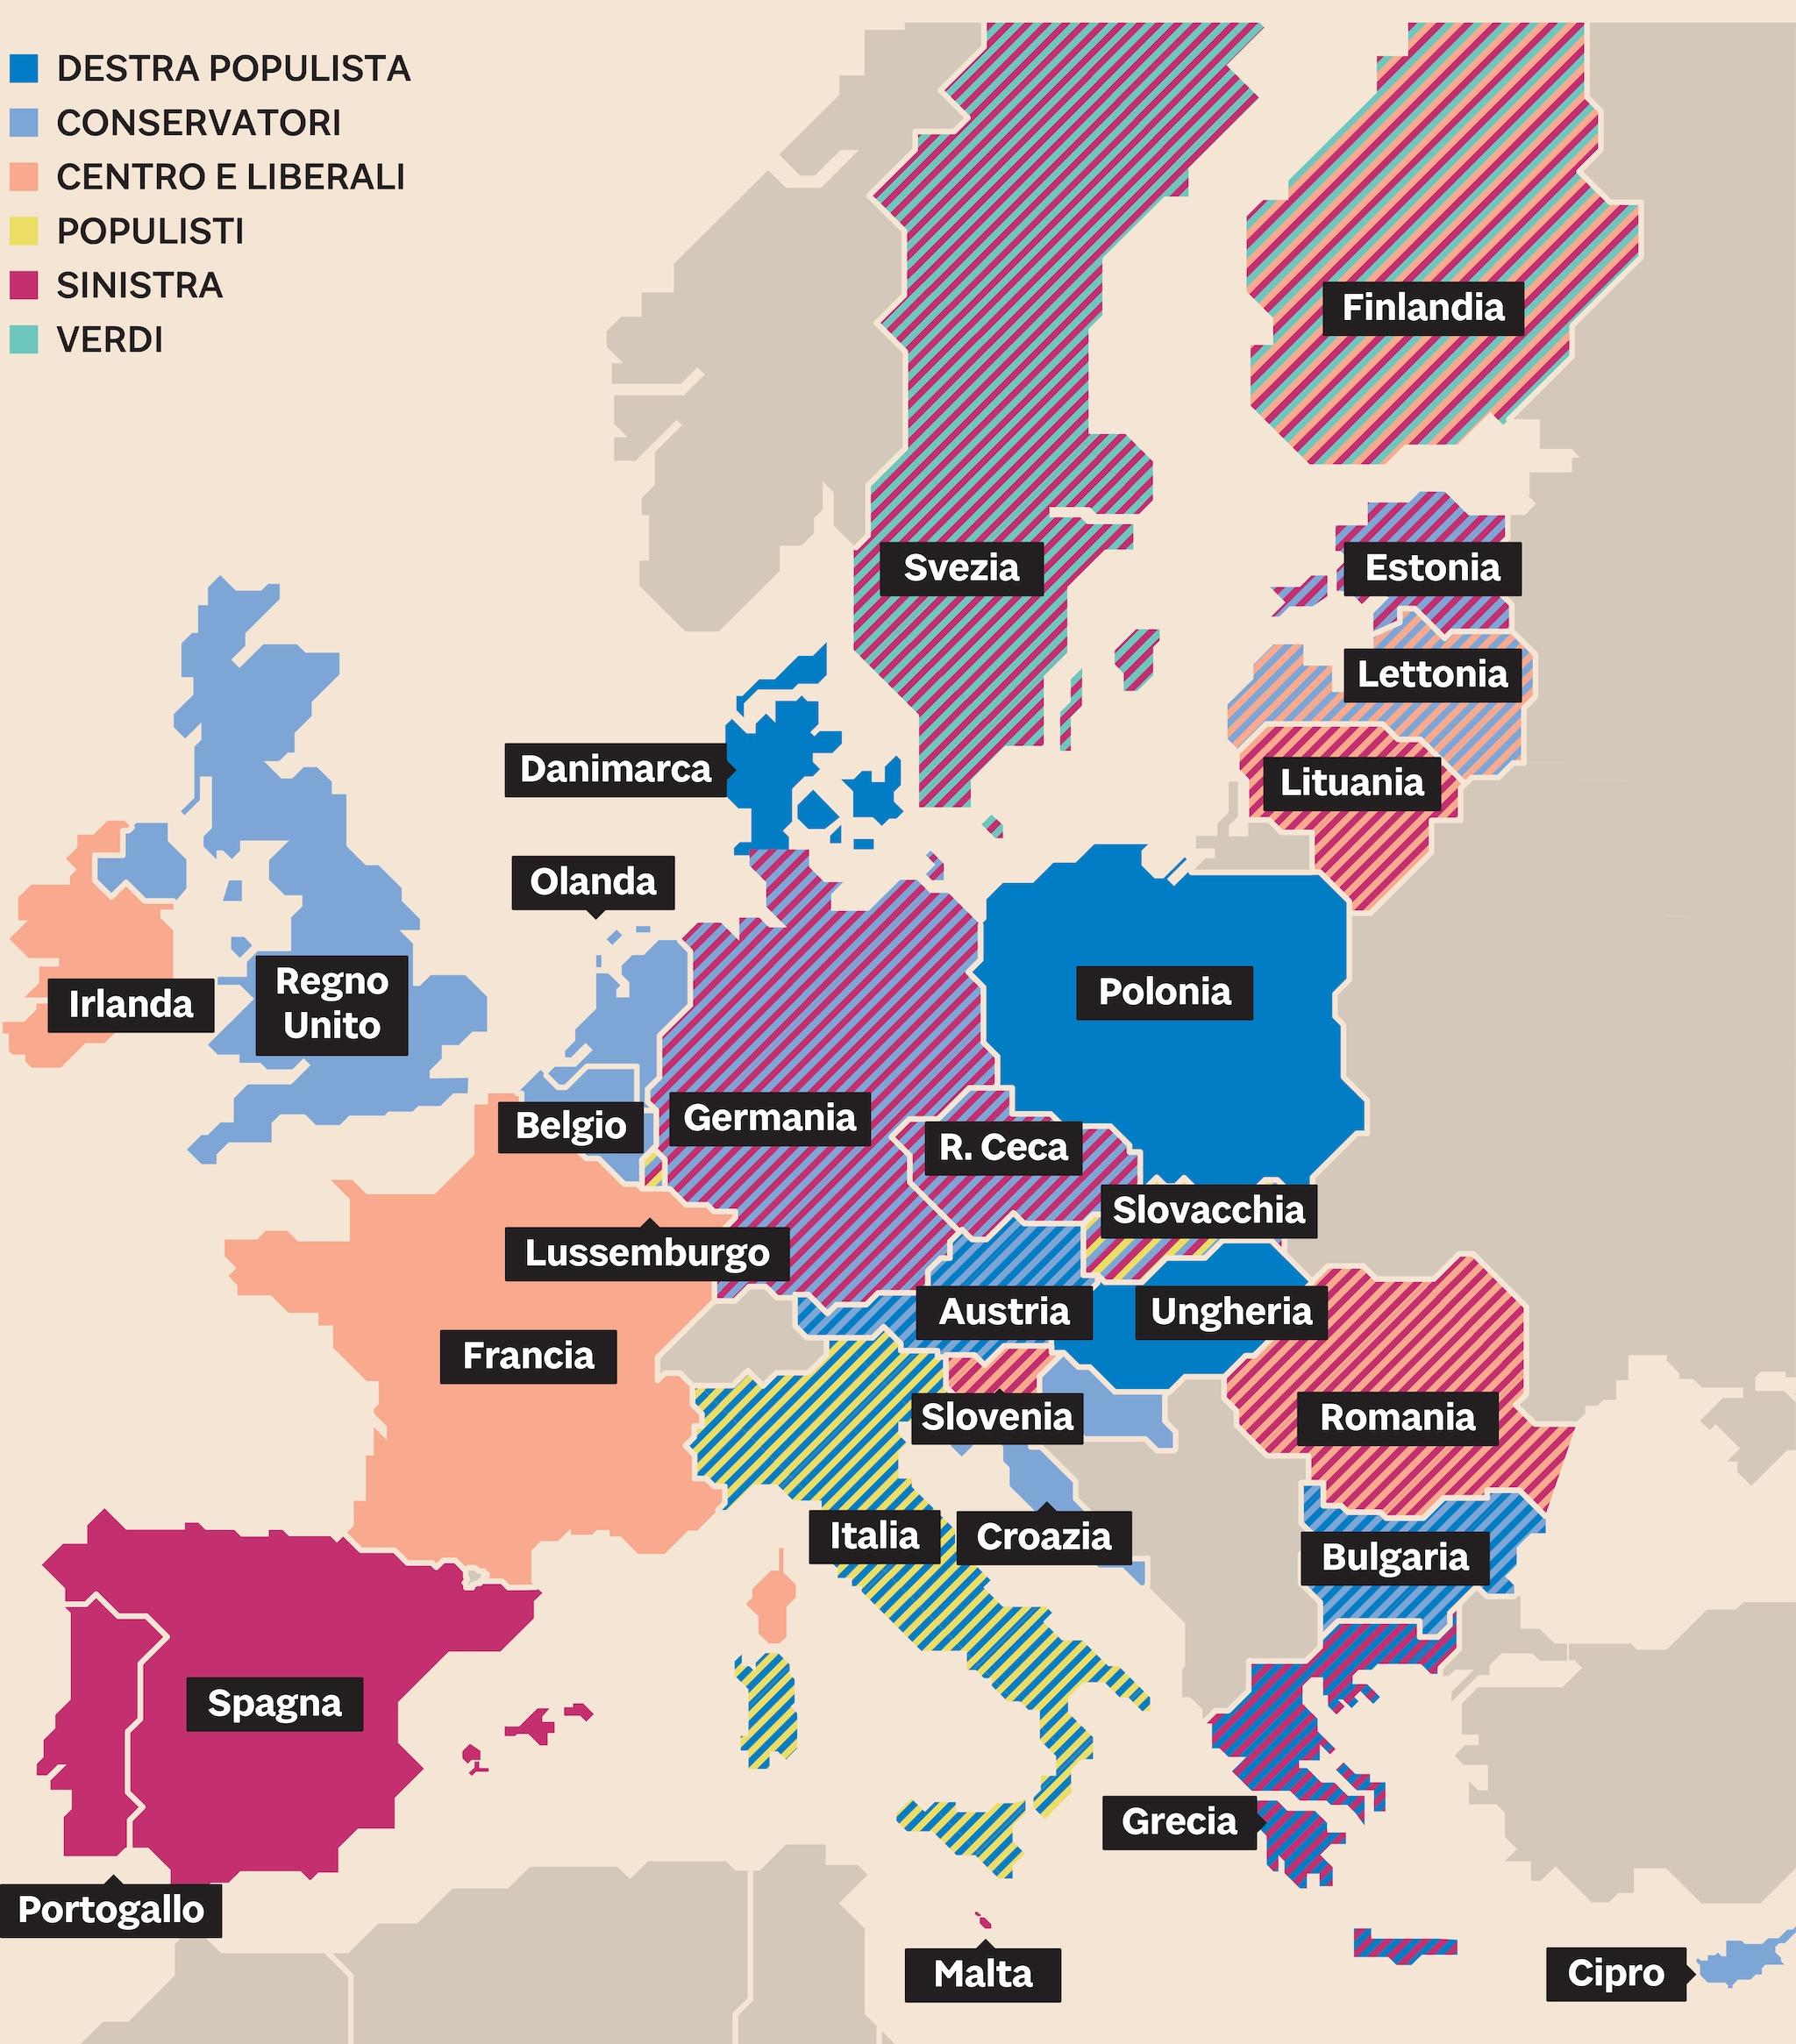 UNIONE EUROPEA E GOVERNI NAZIONALI